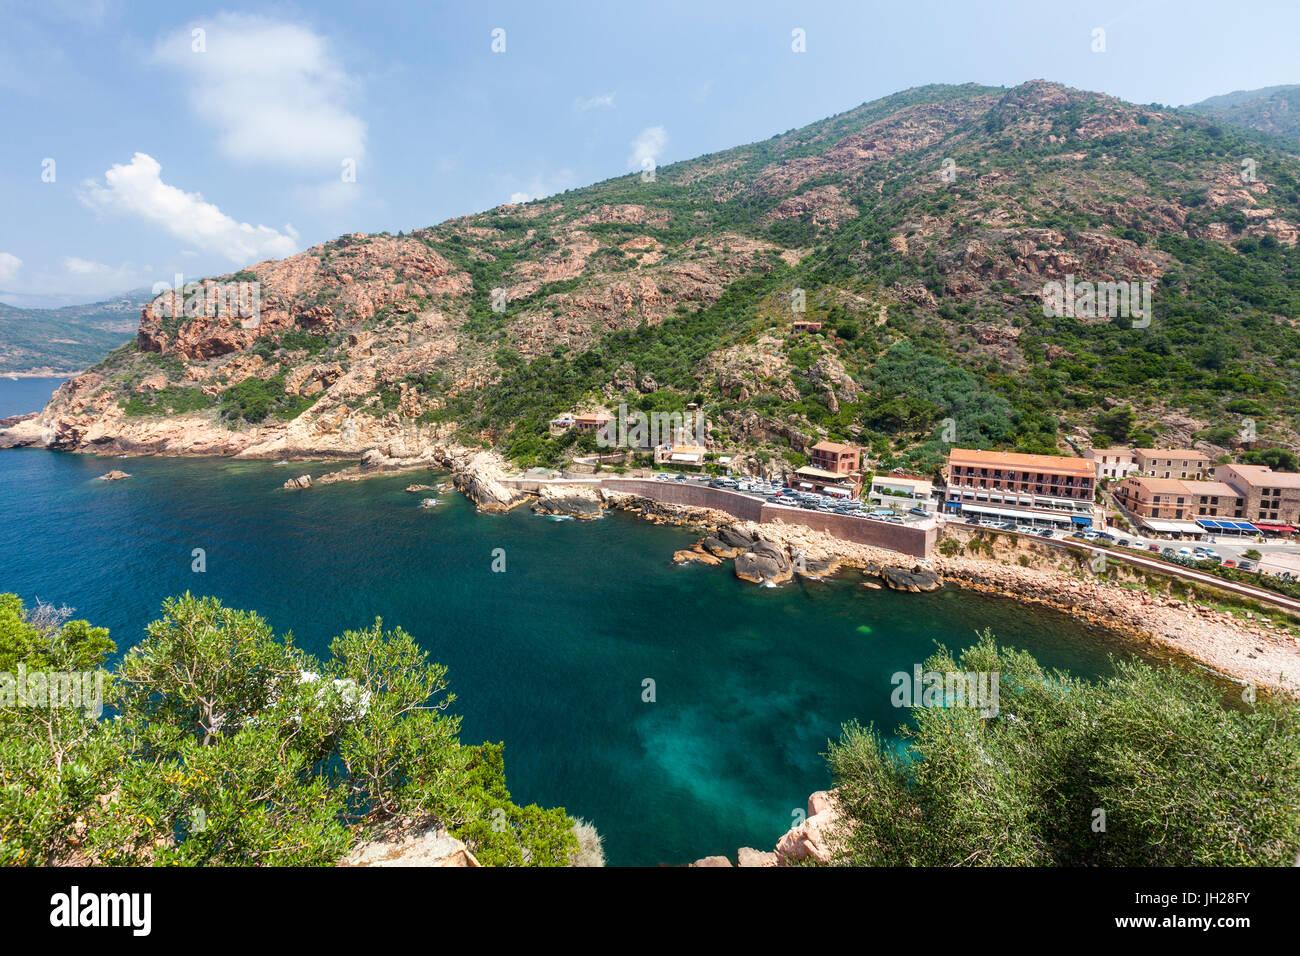 Vue de dessus de la mer turquoise encadrée par de la végétation verte et le village typique de Porto, Photo Stock